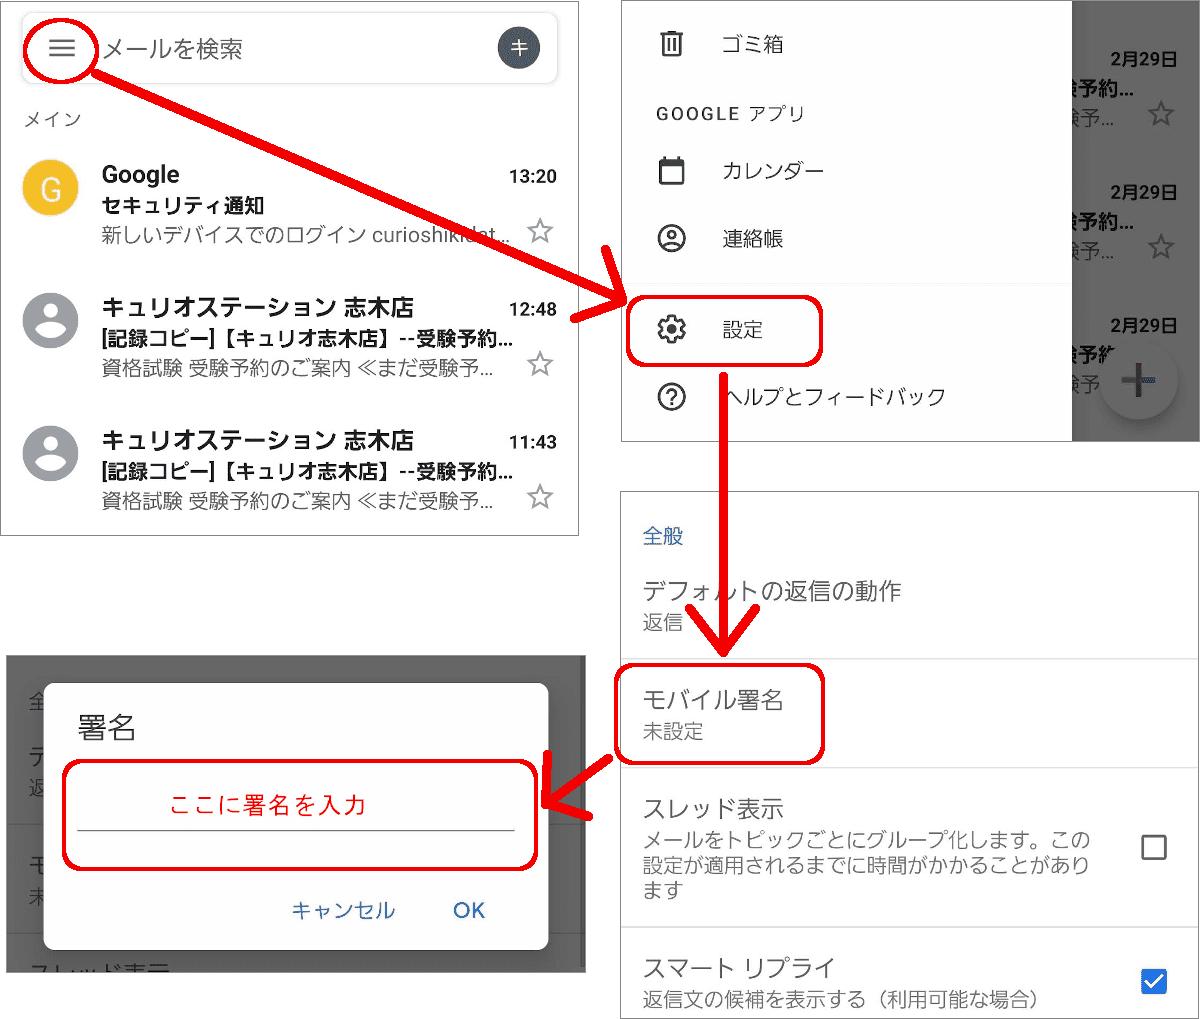 Gmailアプリ メニュー 設定 モバイル署名 タップ後に署名を入力